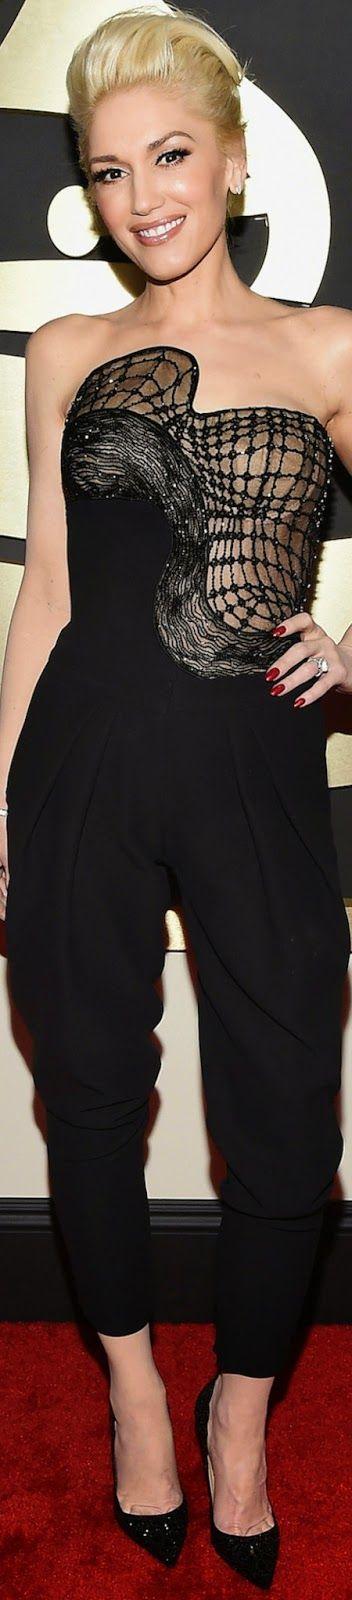 Gwen Stefani                                                      2015 Grammy Awards Red Carpet